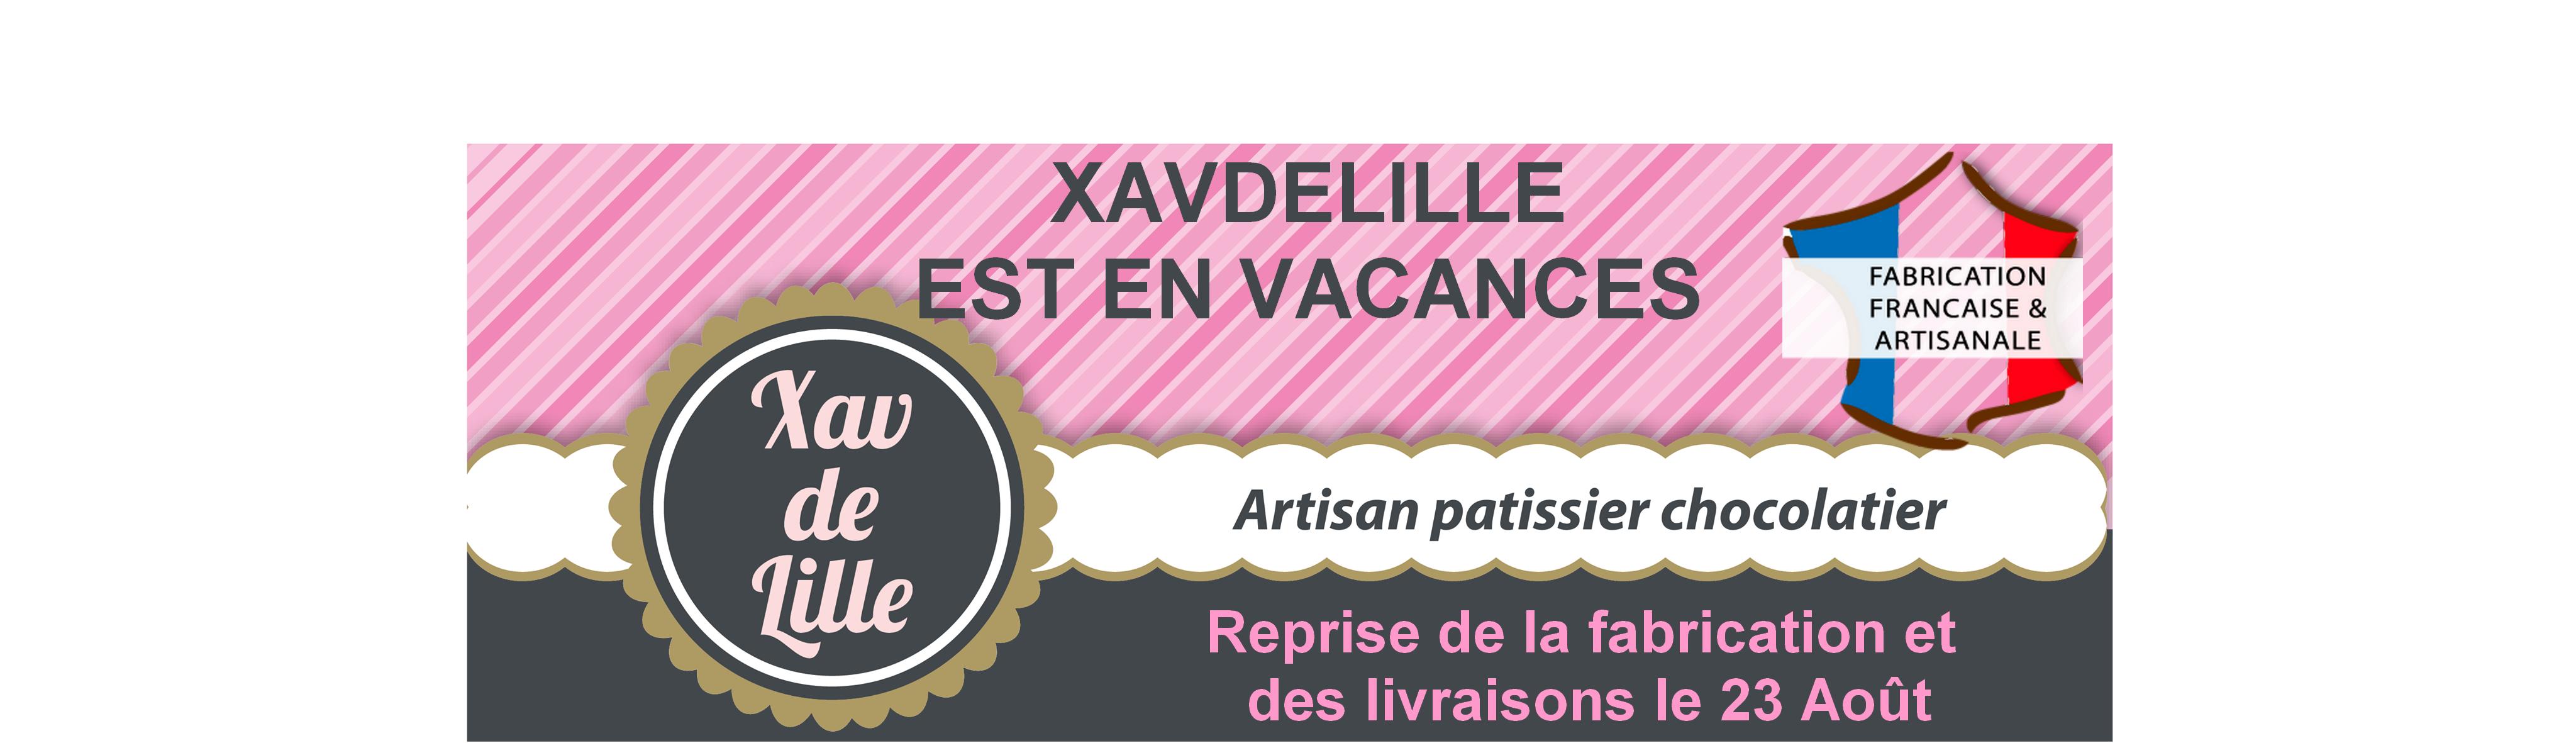 XAV DE LILLE est en vacances. Reprises de la fabrication et des livraisons le 23 Août